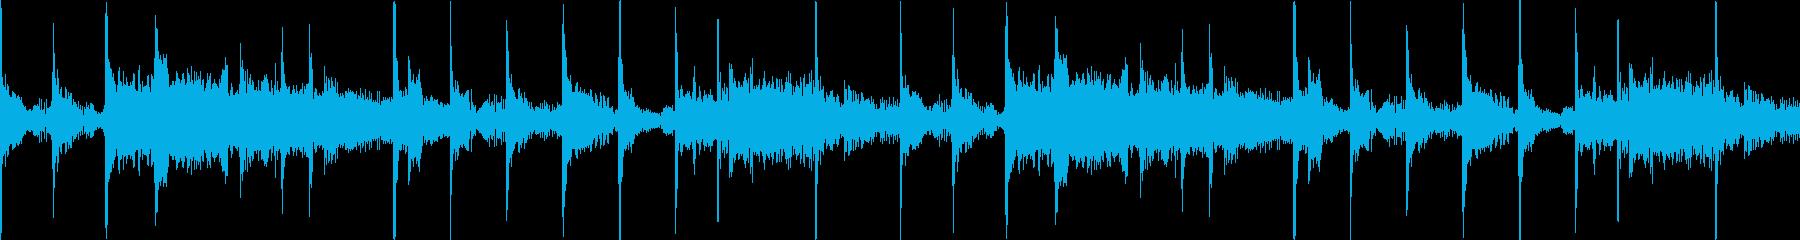 深いリヴァーブSE入りHIPHOPビートの再生済みの波形